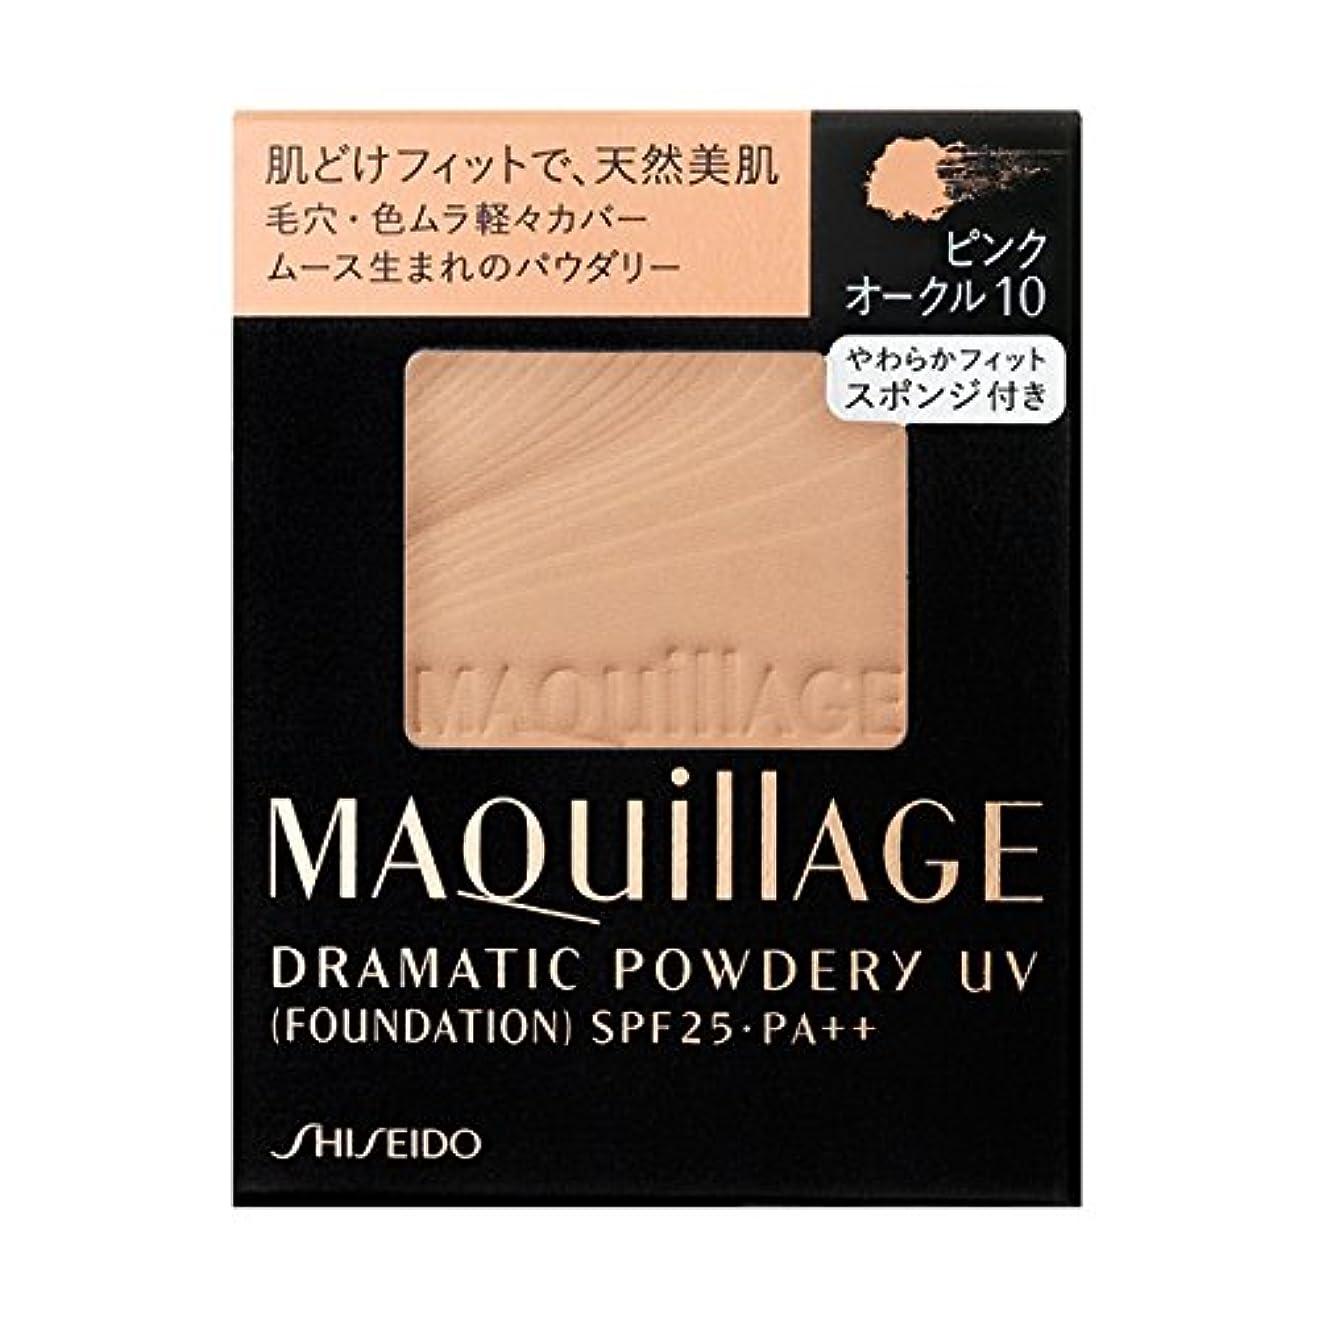 <お得な2個パック>マキアージュ ドラマティックパウダリー UV(レフィル) ピンクオークル10 9.2g入り×2個